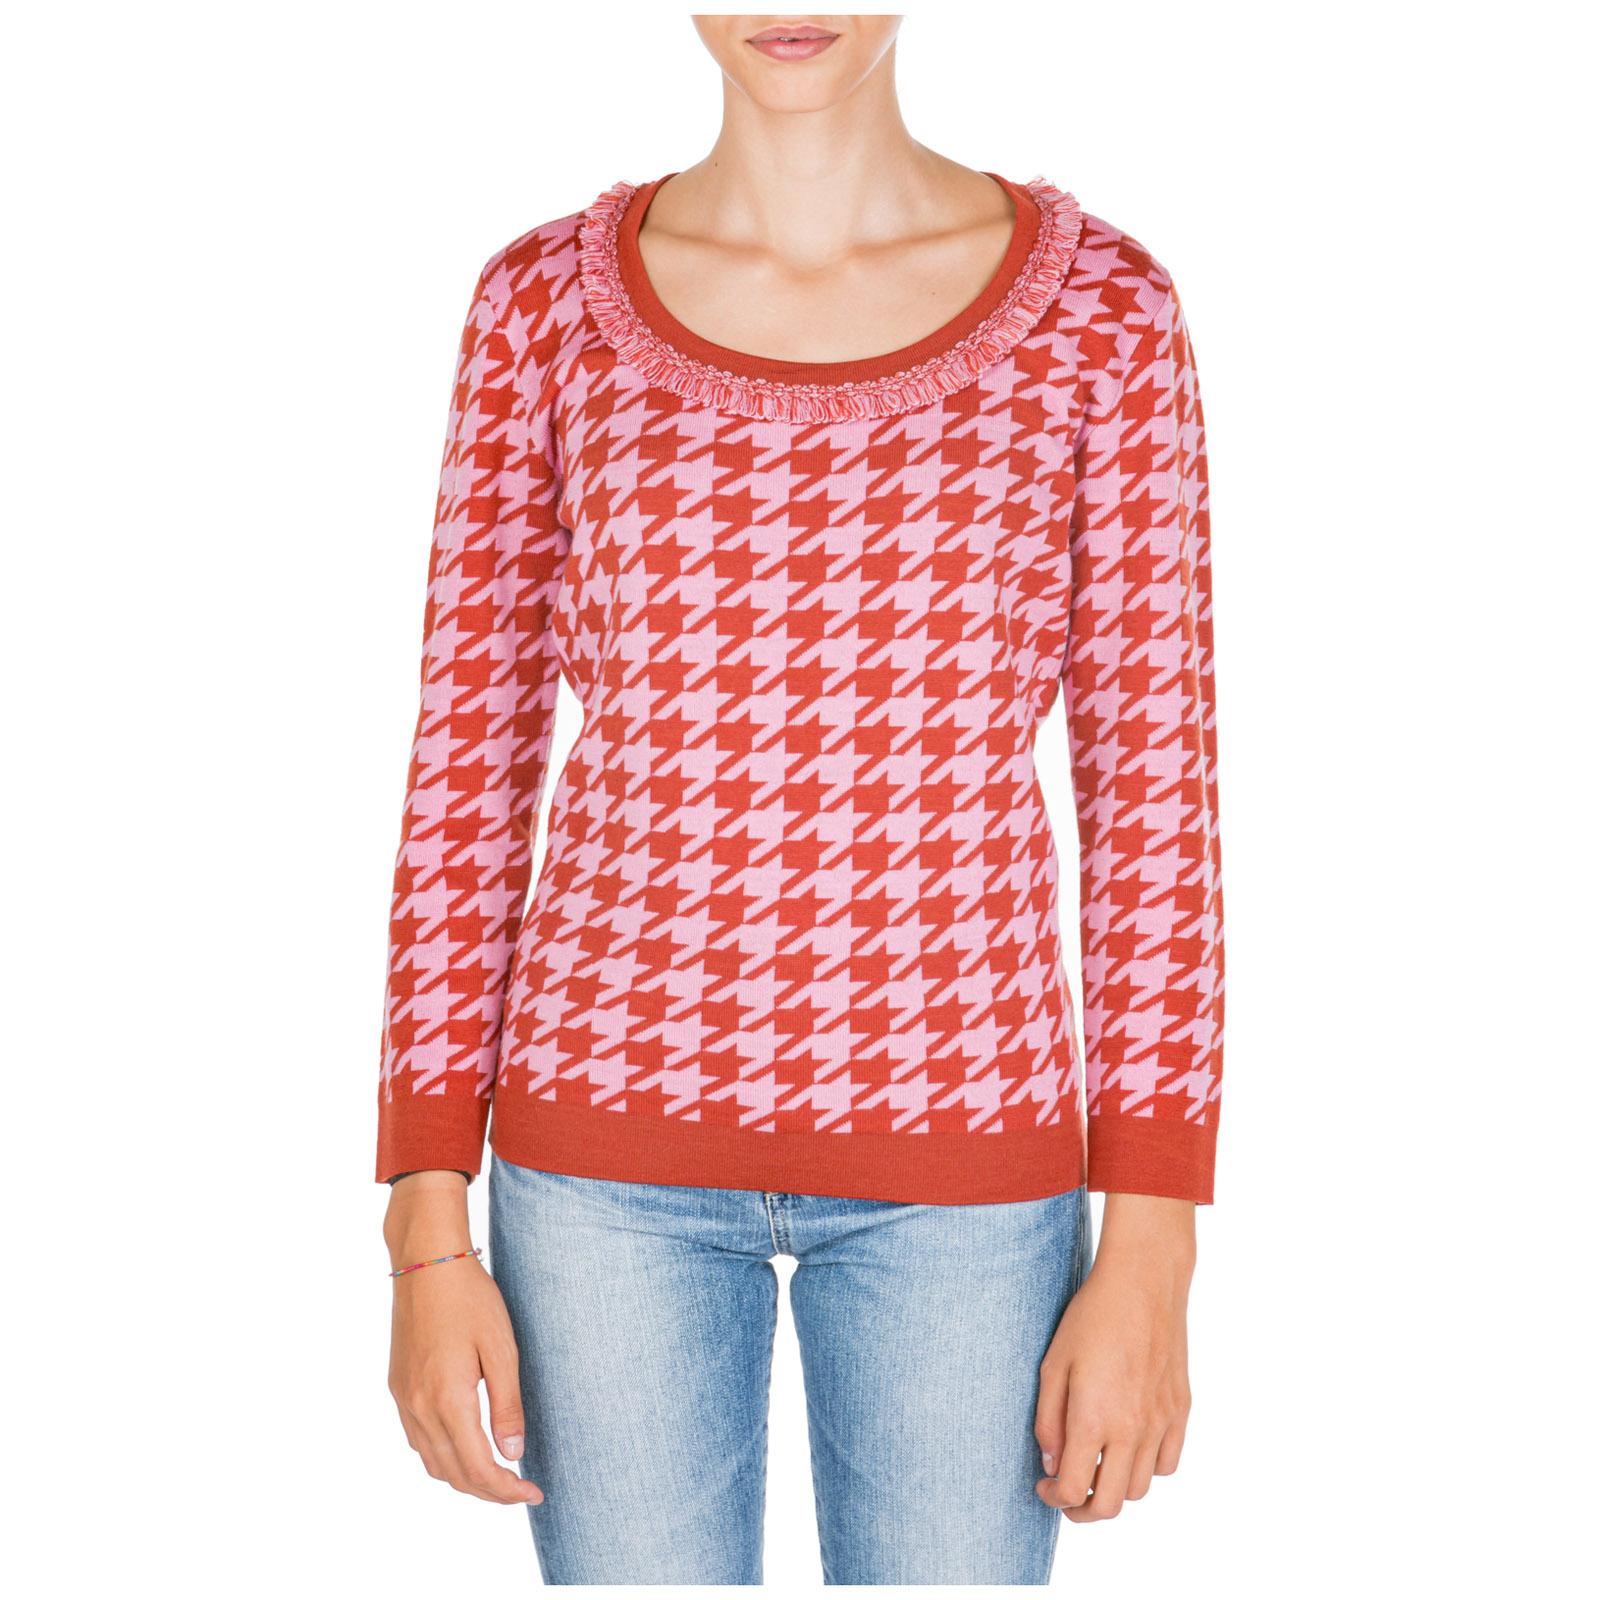 quality design c81e0 4546e Damen pullover pulli